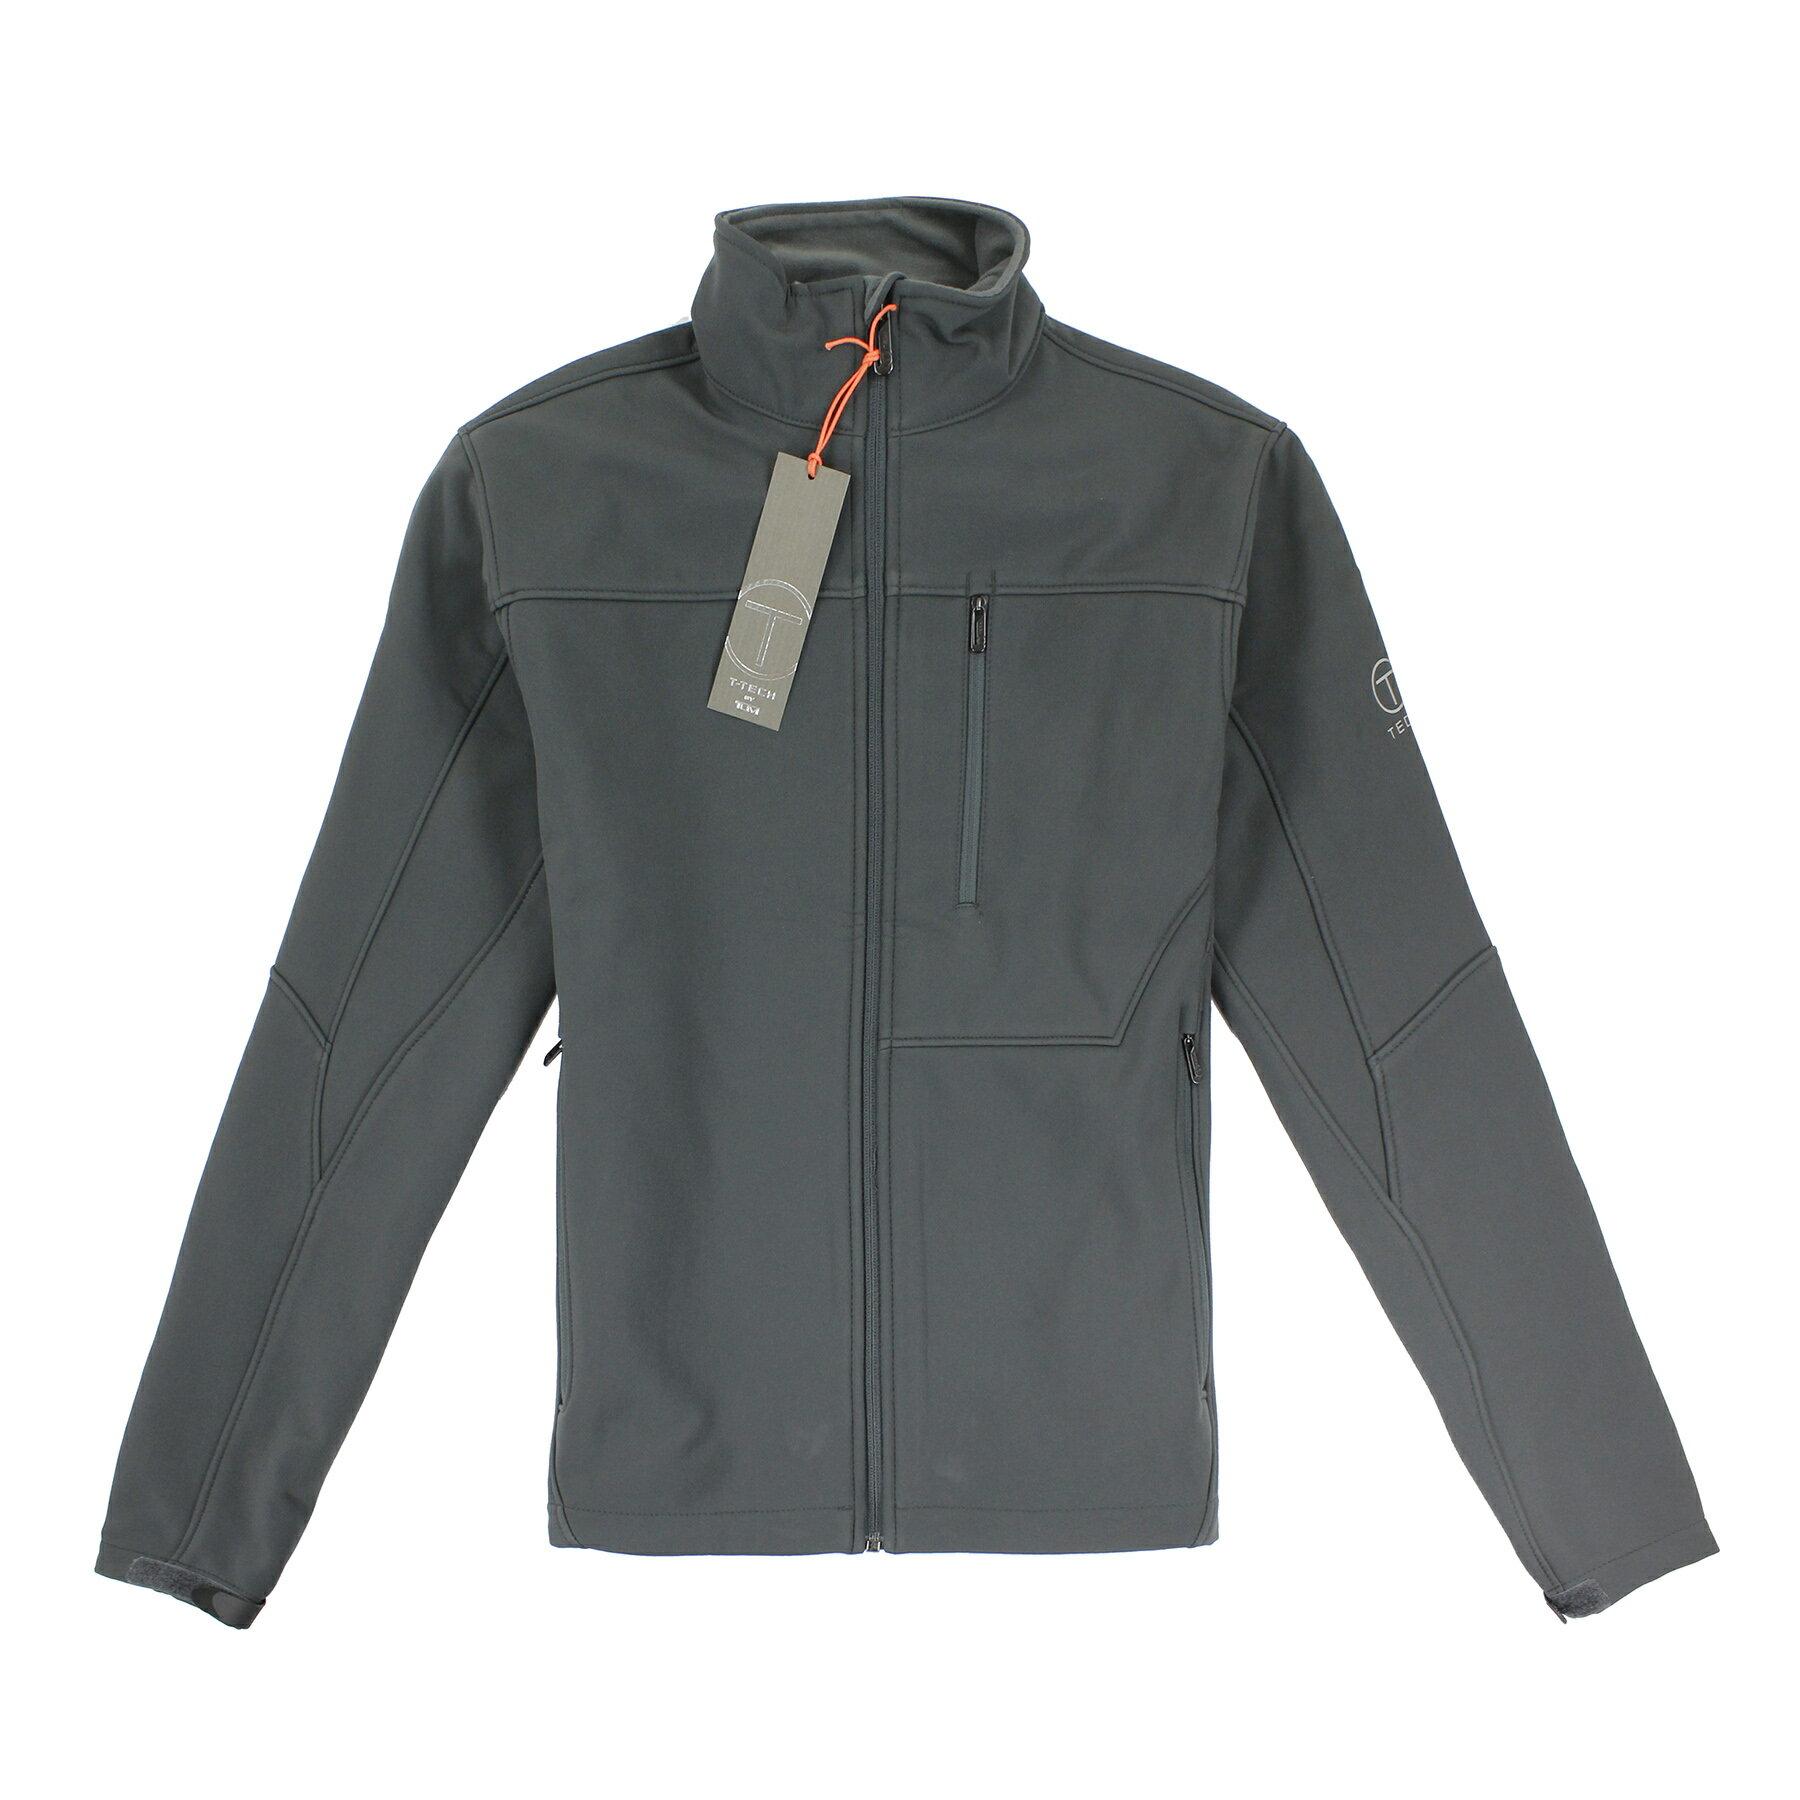 美國百分百【全新真品】Tumi 外套 立領 T-tech 防水 防風 軟殼 鋪棉 刷毛 灰色 S XL號 E352